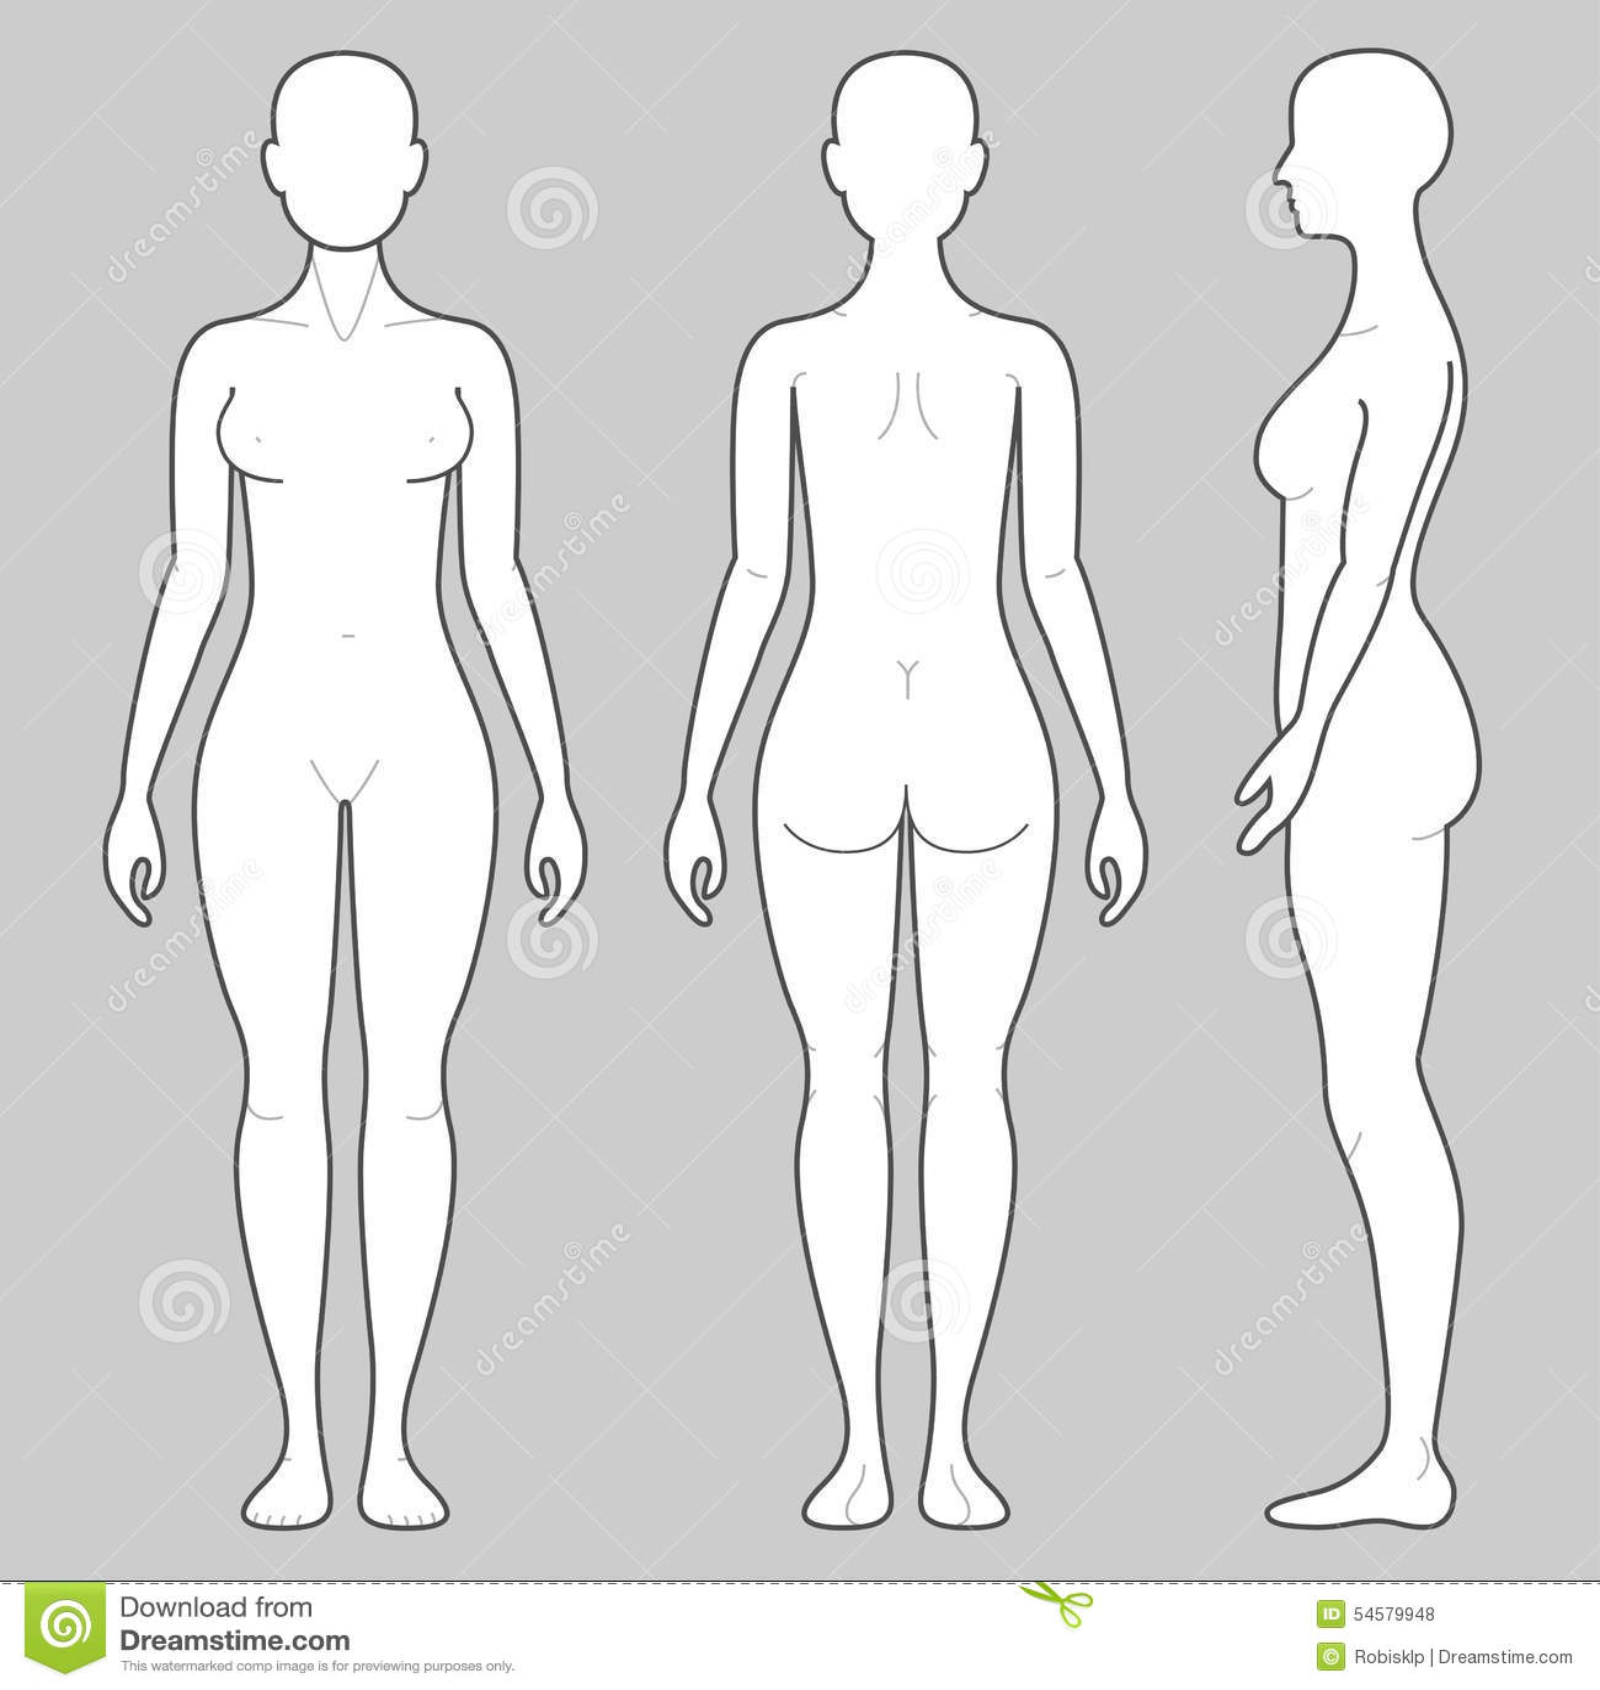 Fantastisch Weibliche Körperzeichnungsvorlage Bilder - Beispiel ...